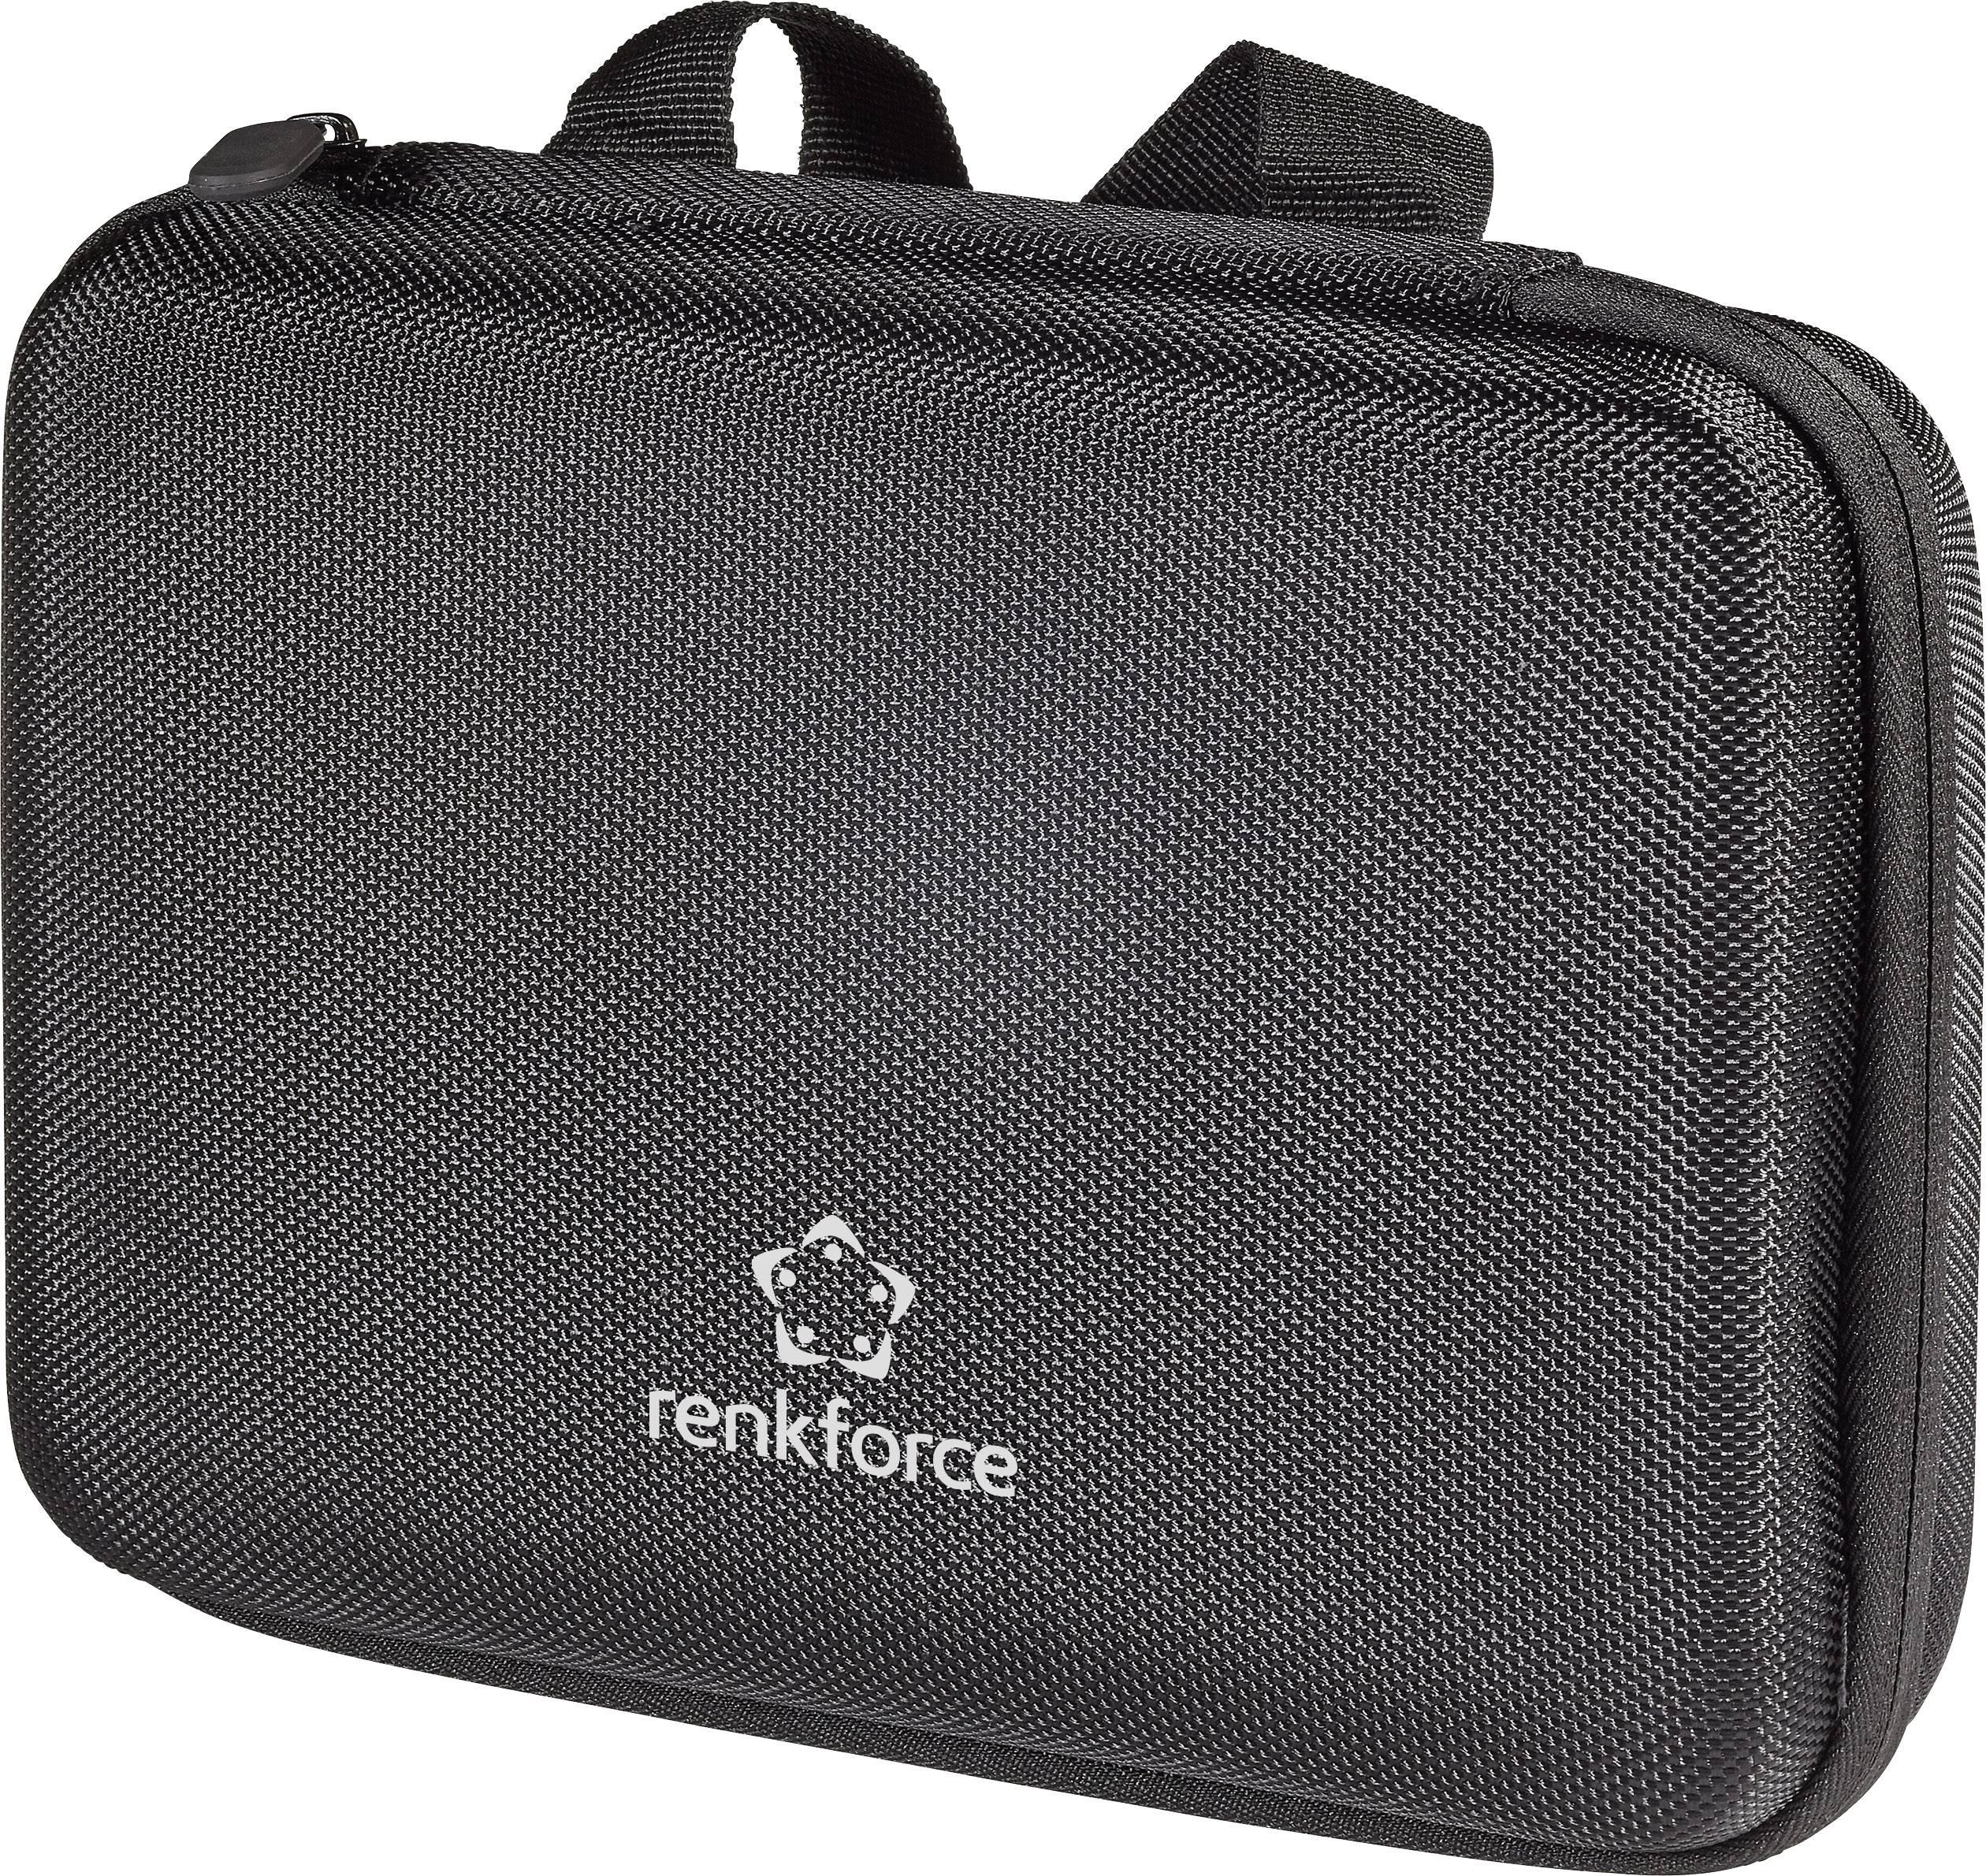 Pevné púzdro Renkforce GP-102 RF-4253394 vhodné pre GoPro, akčné/športové kamery